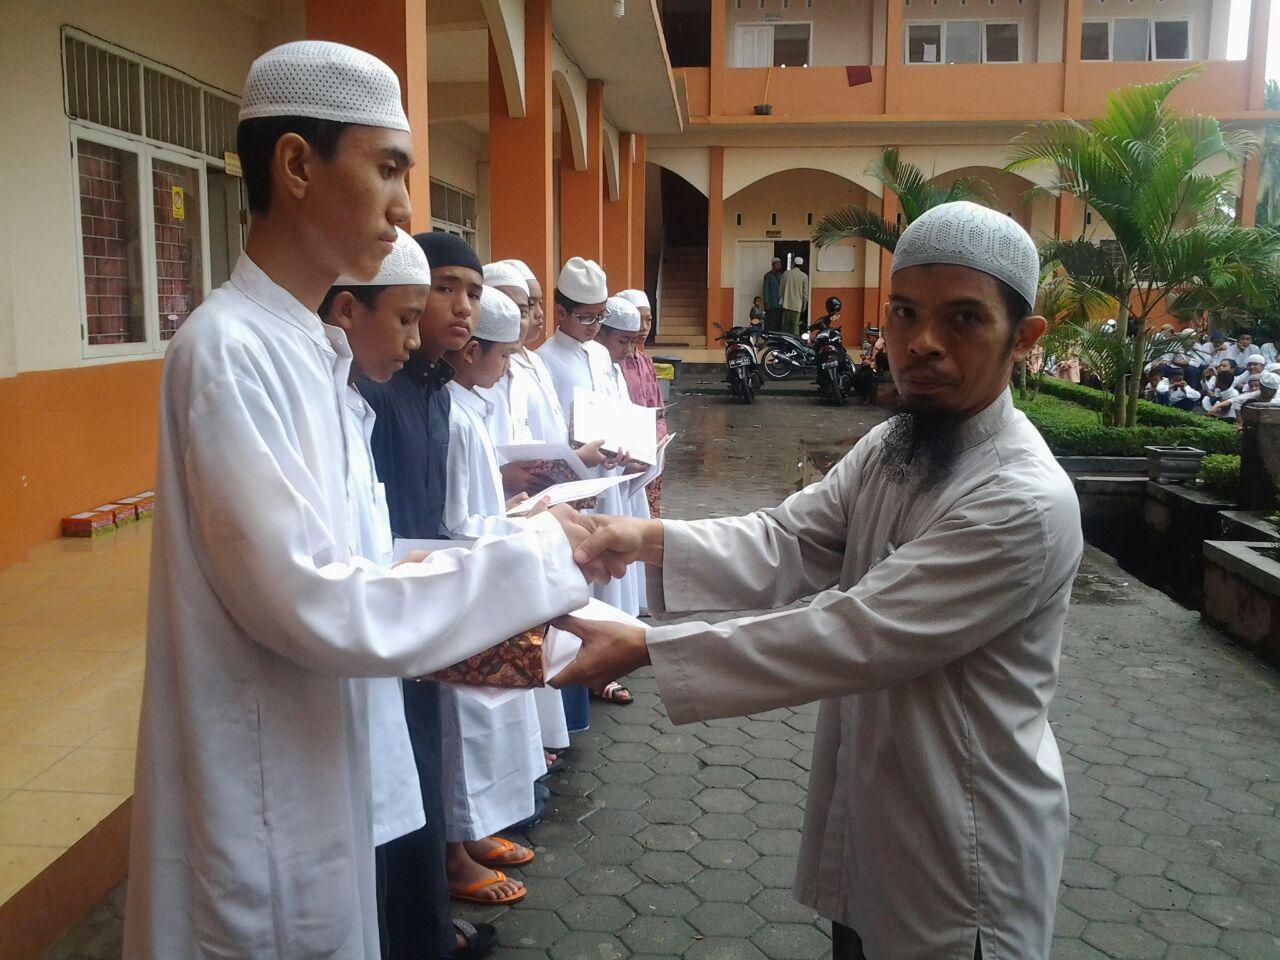 Kepala SMP IA, Pak Ahmad Yani tengah menyerahkan piagam penghargaan untuk santri berprestasi